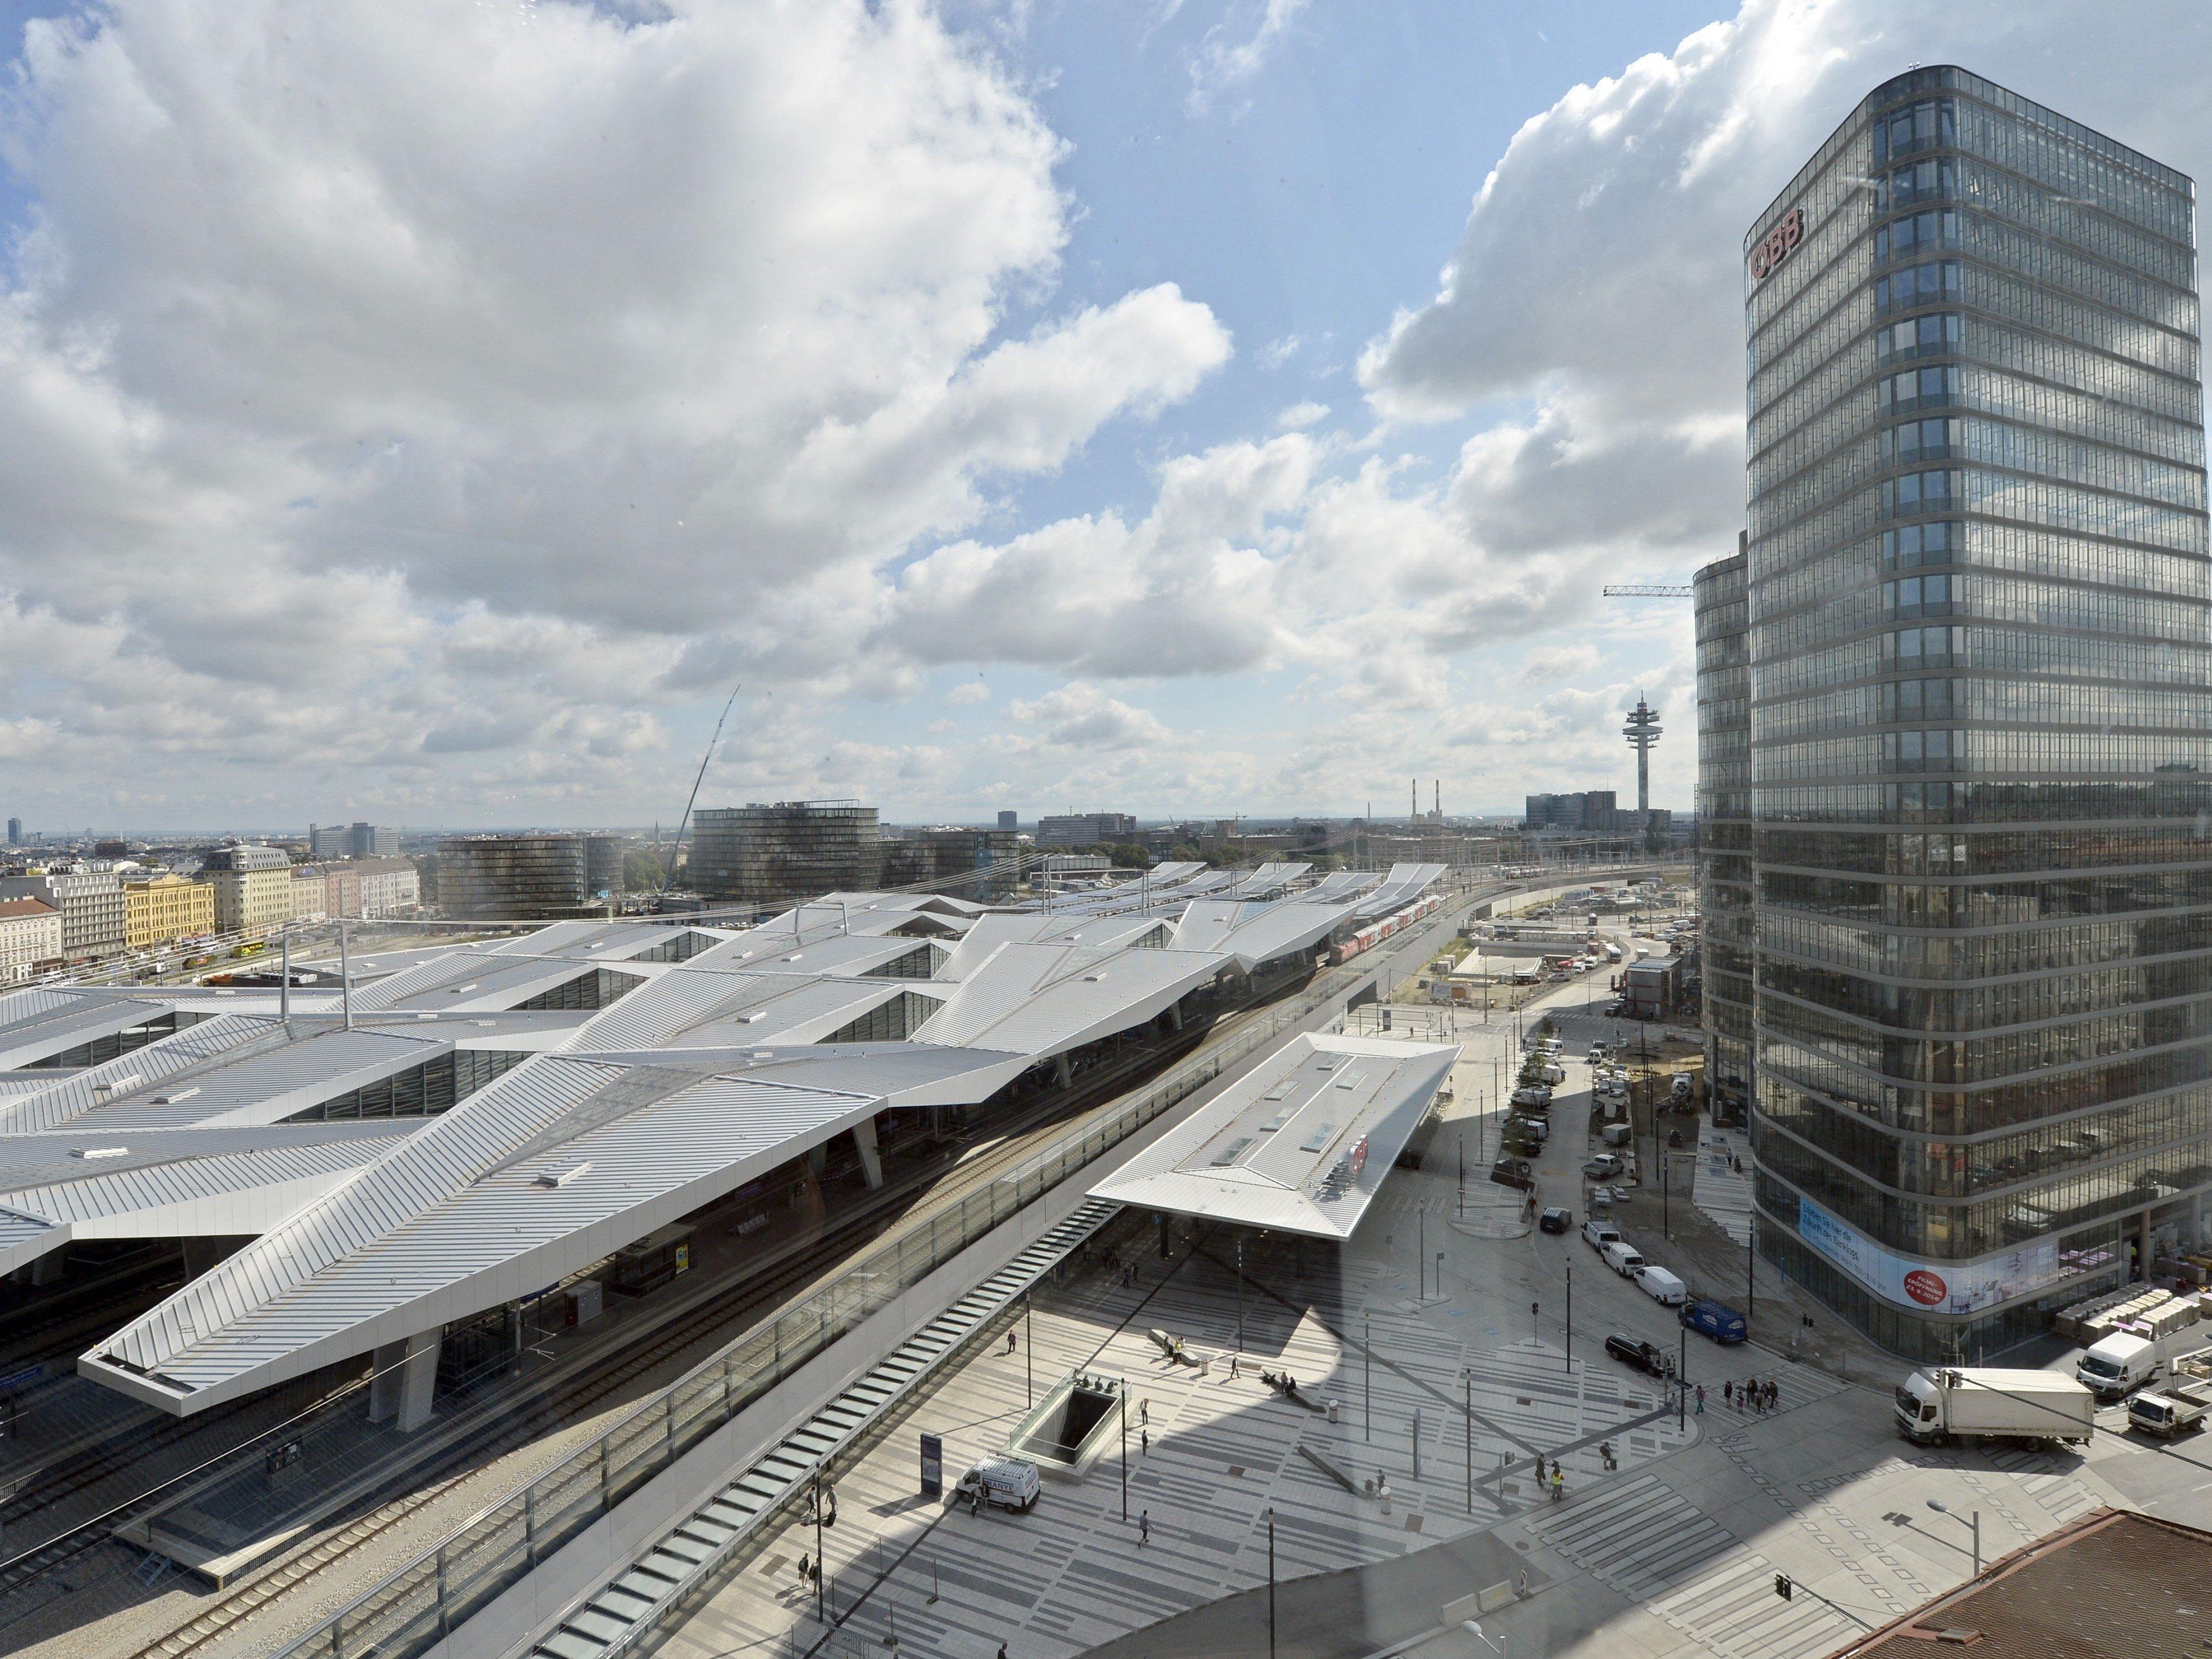 Neuer Wiener Hauptbahnhof erhält multikonfessionellen Gebetsraum